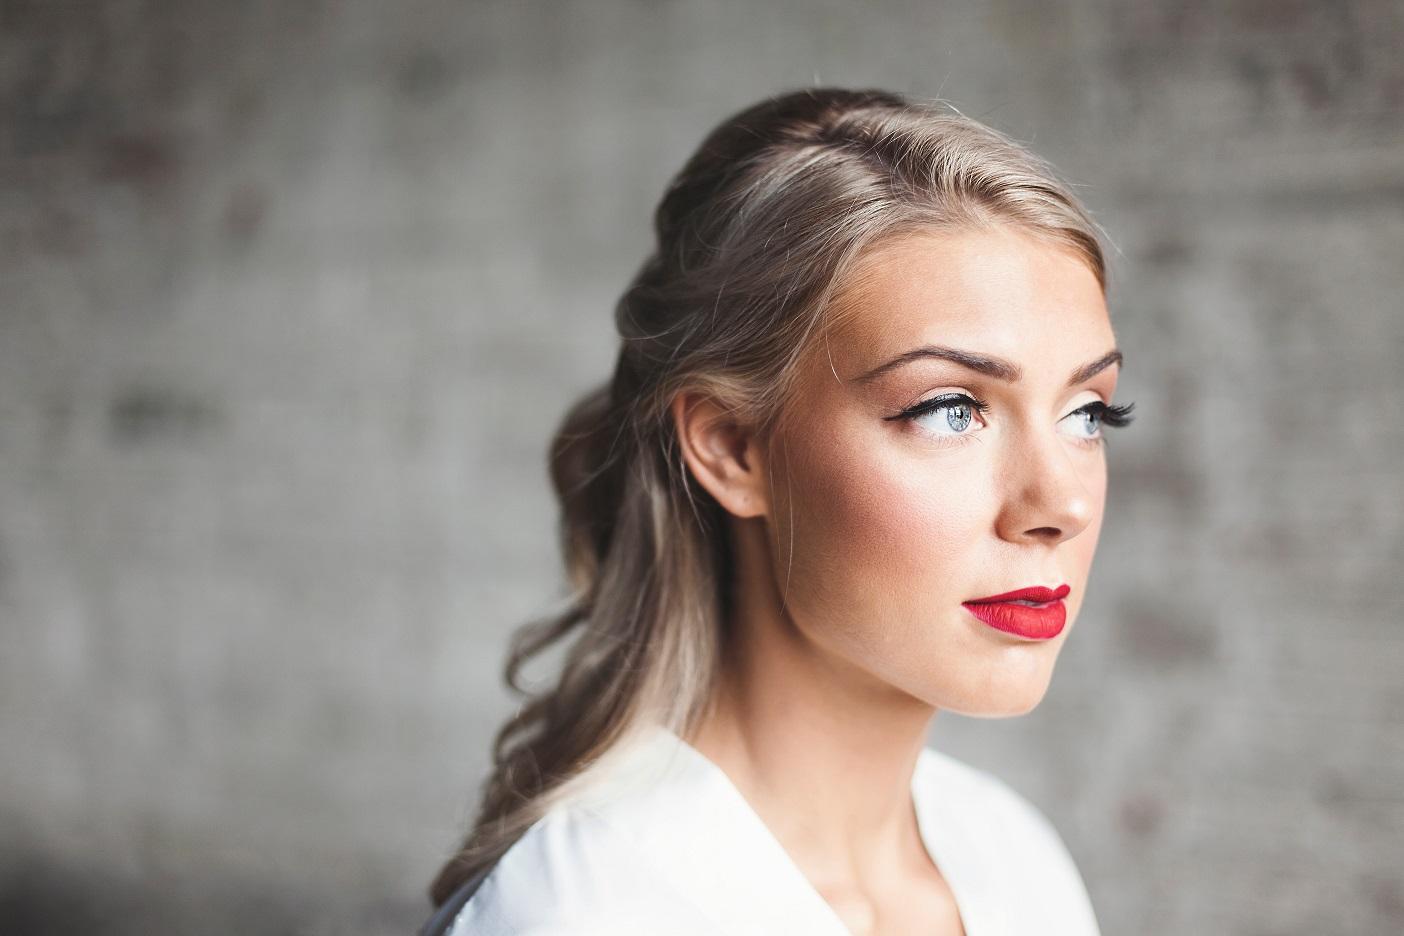 Profesjonalny makijaż? Możemy się go nauczyć